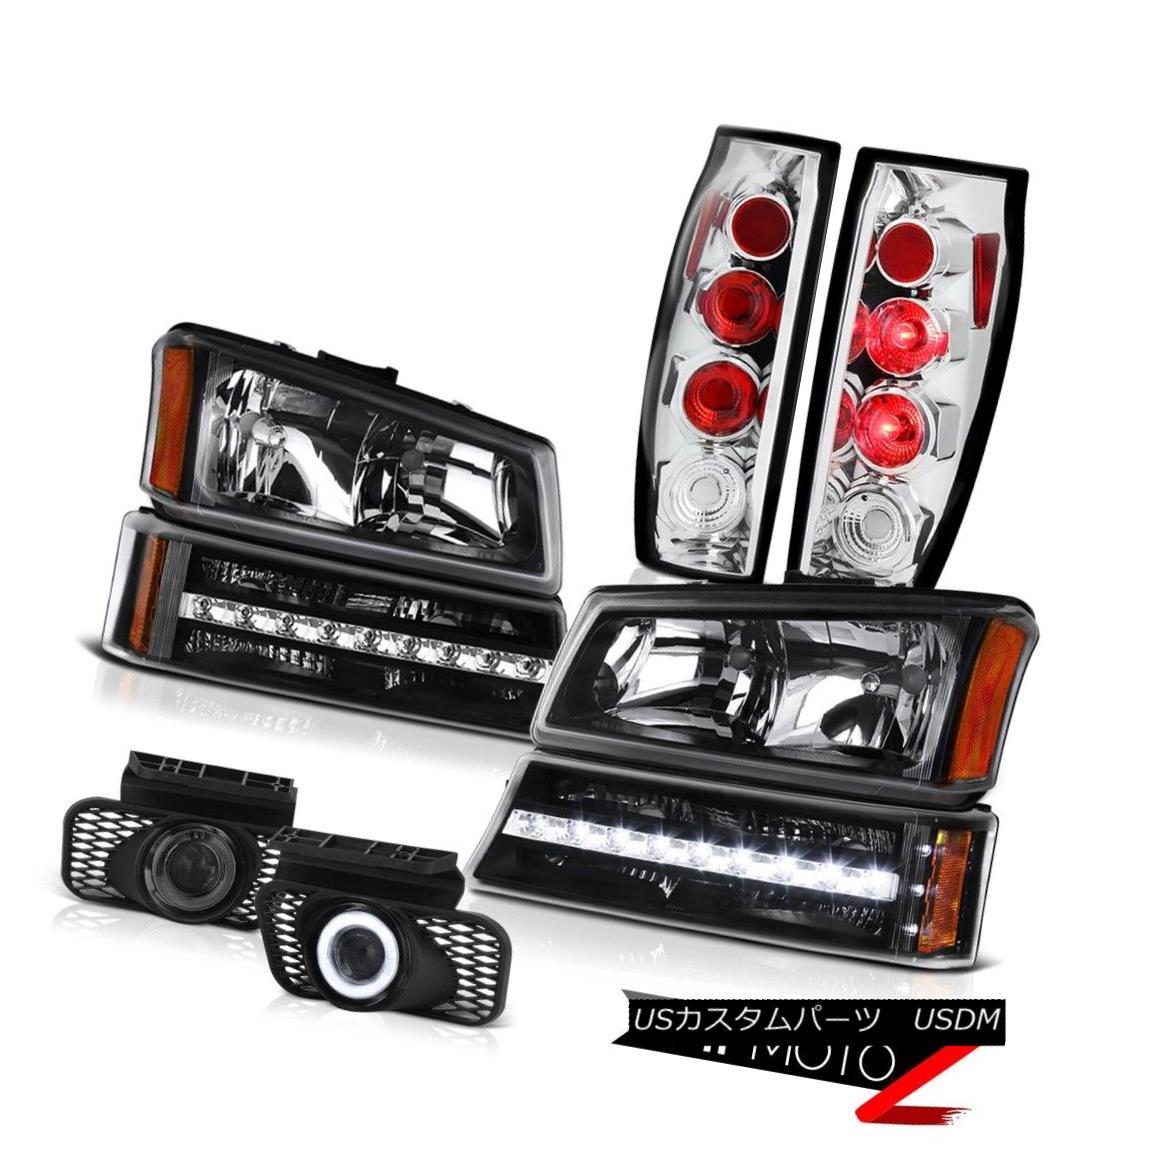 テールライト 03-06 Avalanche 1500 Fog Lights Tail Matte Black Parking Light Headlights Euro 03-06雪崩1500霧ライトテールマットブラック駐車ライトヘッドライトユーロ